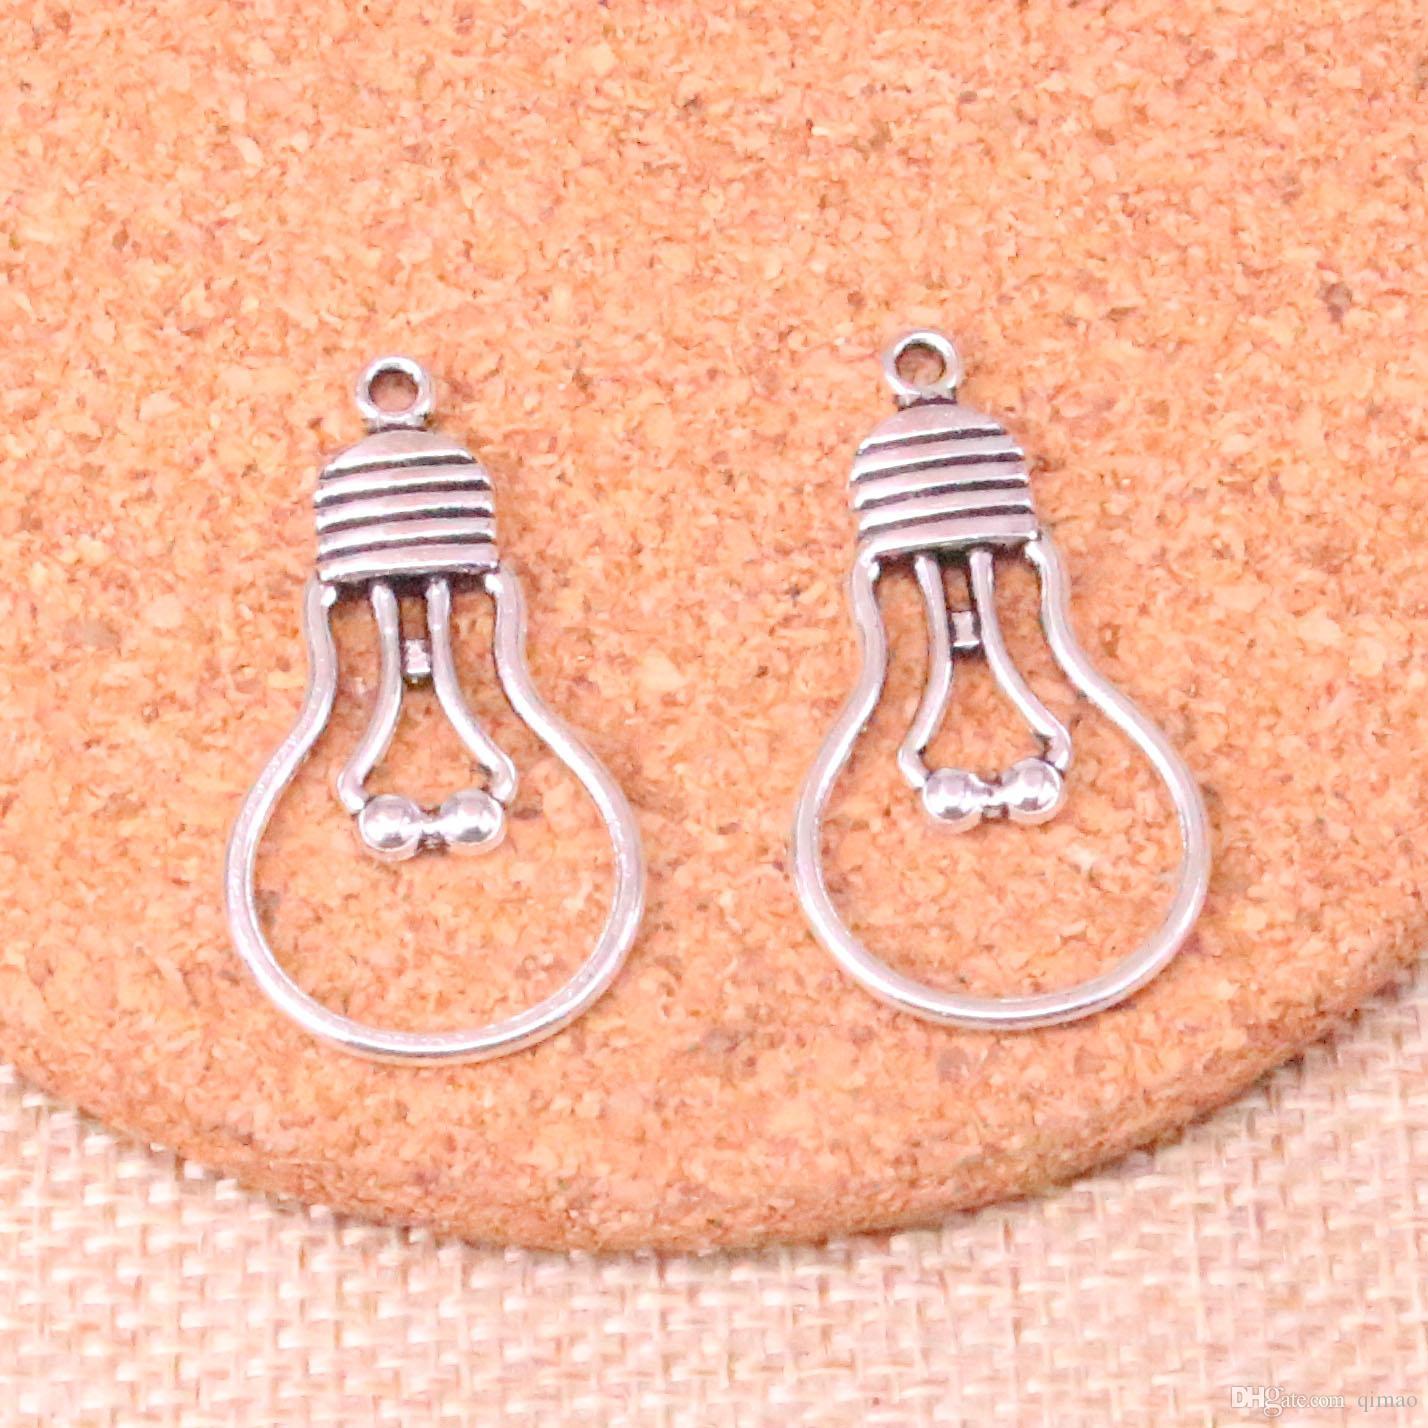 80pcs incanta la lampadina i pendenti placcati argento antichi misura i monili che fanno i risultati accessori 19 * 35mm